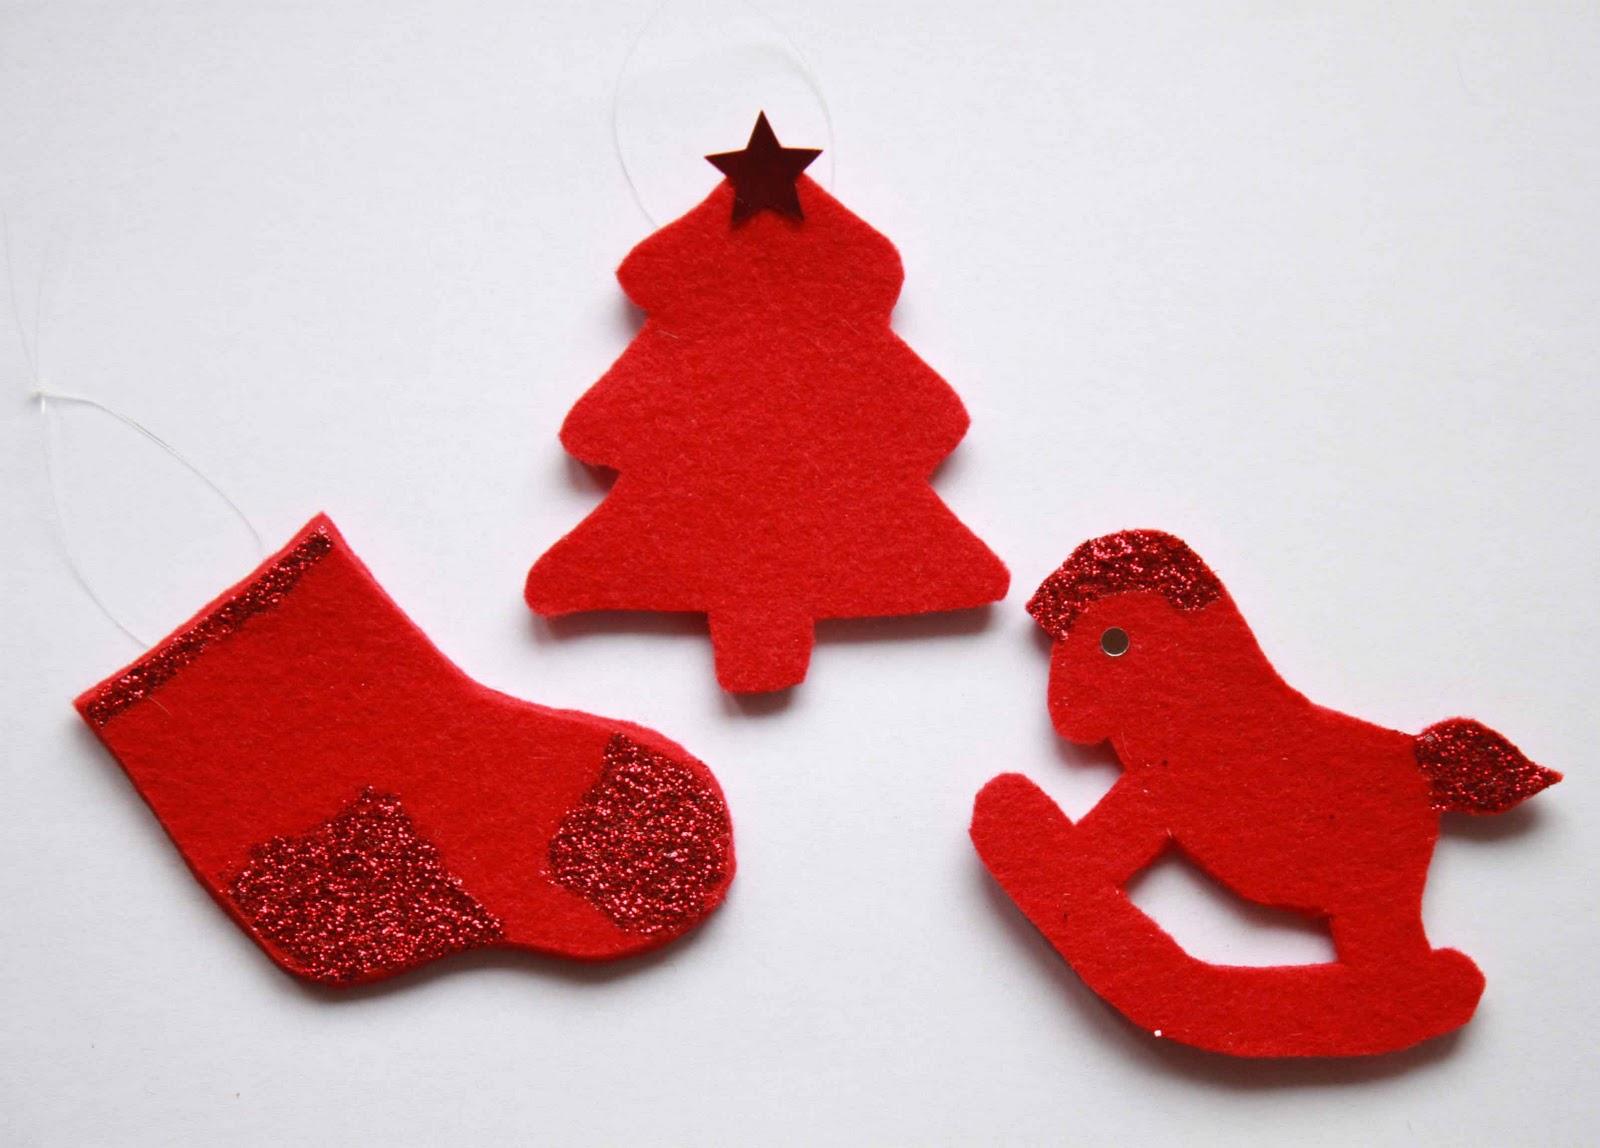 Creare Addobbi Natalizi In Feltro.Decorazioni Di Natale Con Il Feltro Idee E Lavoretti Fai Da Te